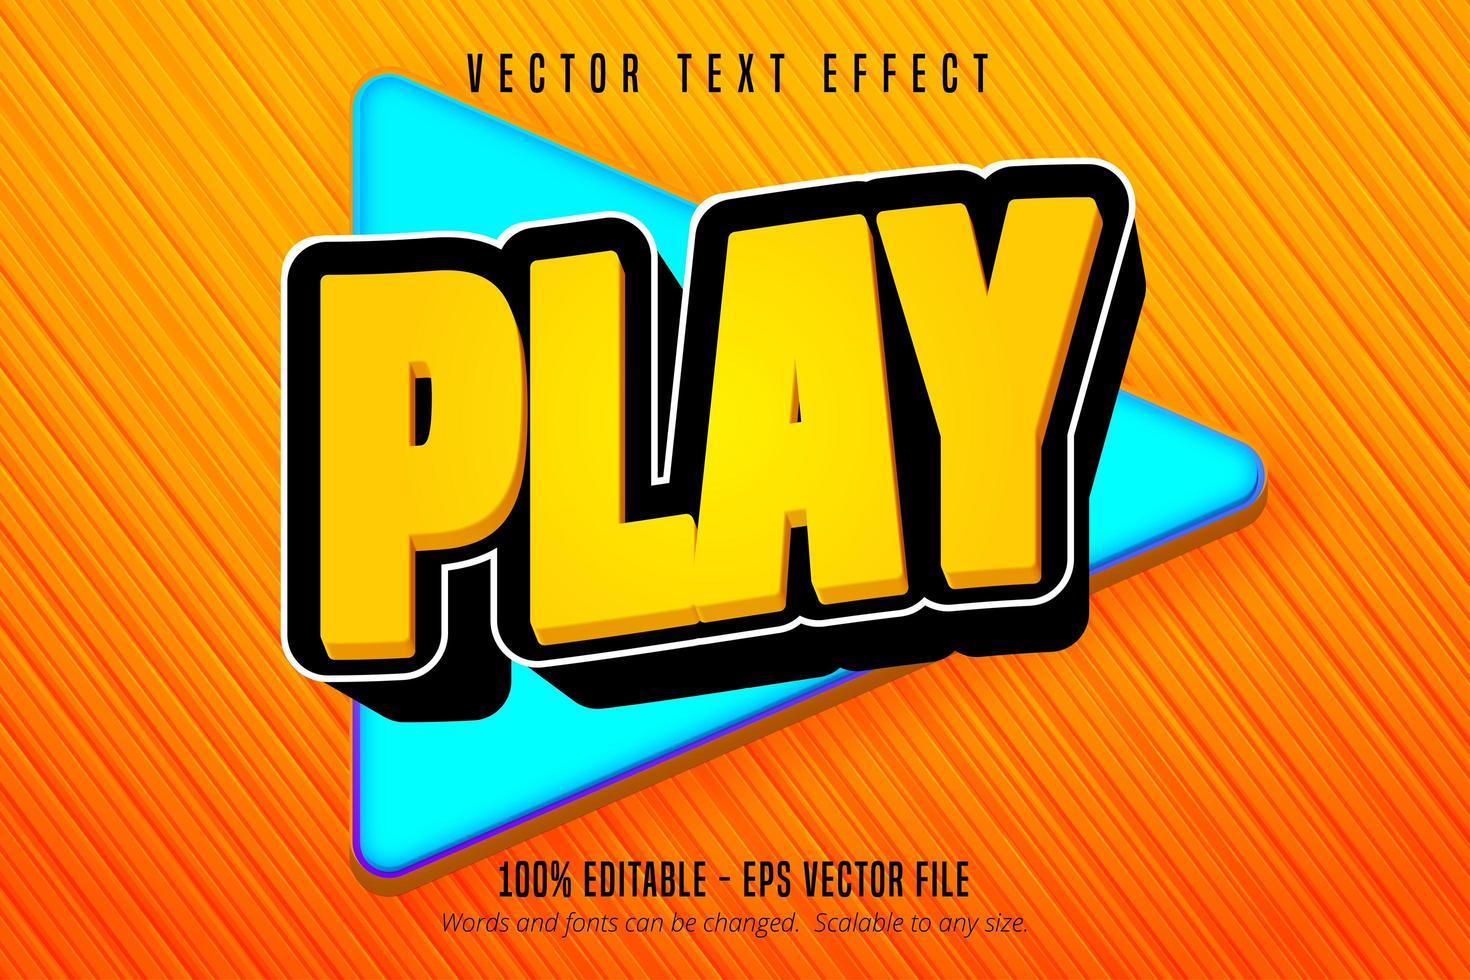 spela text, tecknad spelstil redigerbar texteffekt vektor